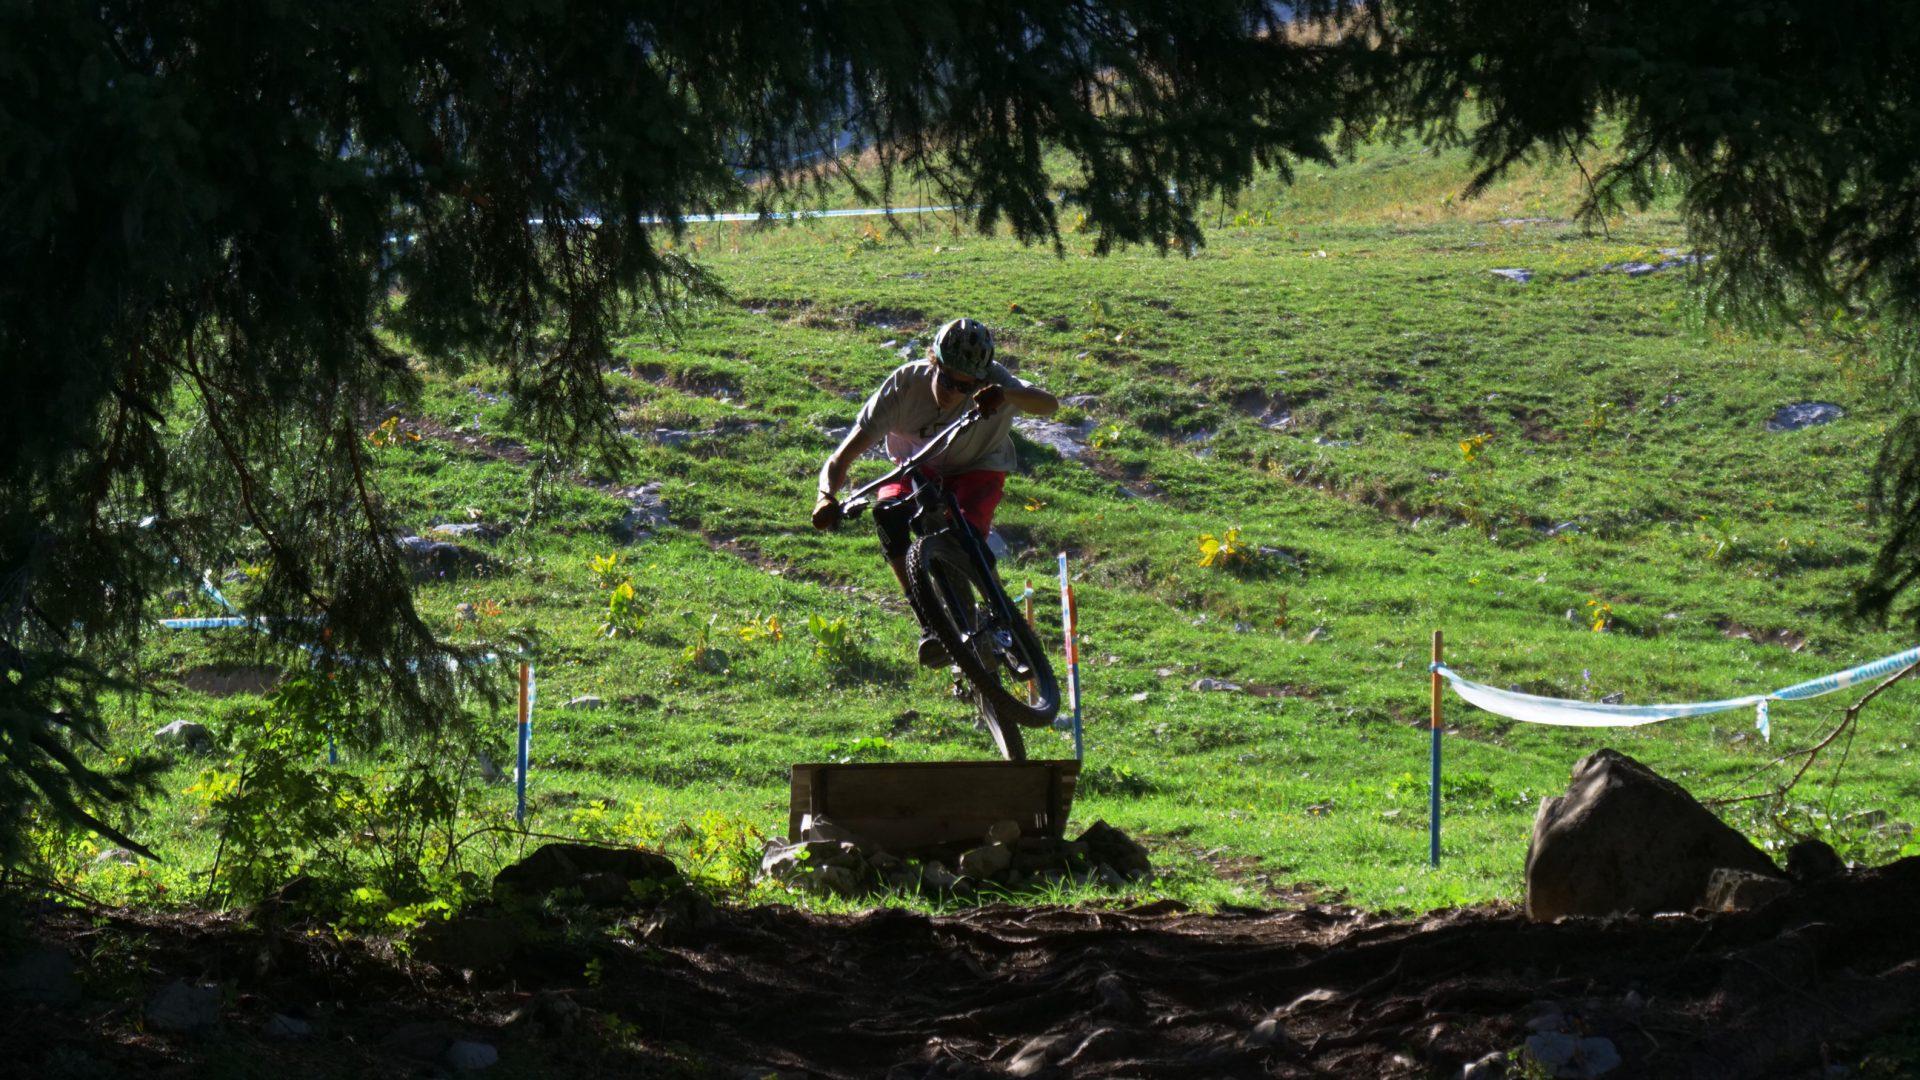 Leysin-Bike-Park-Jouxdai-woods